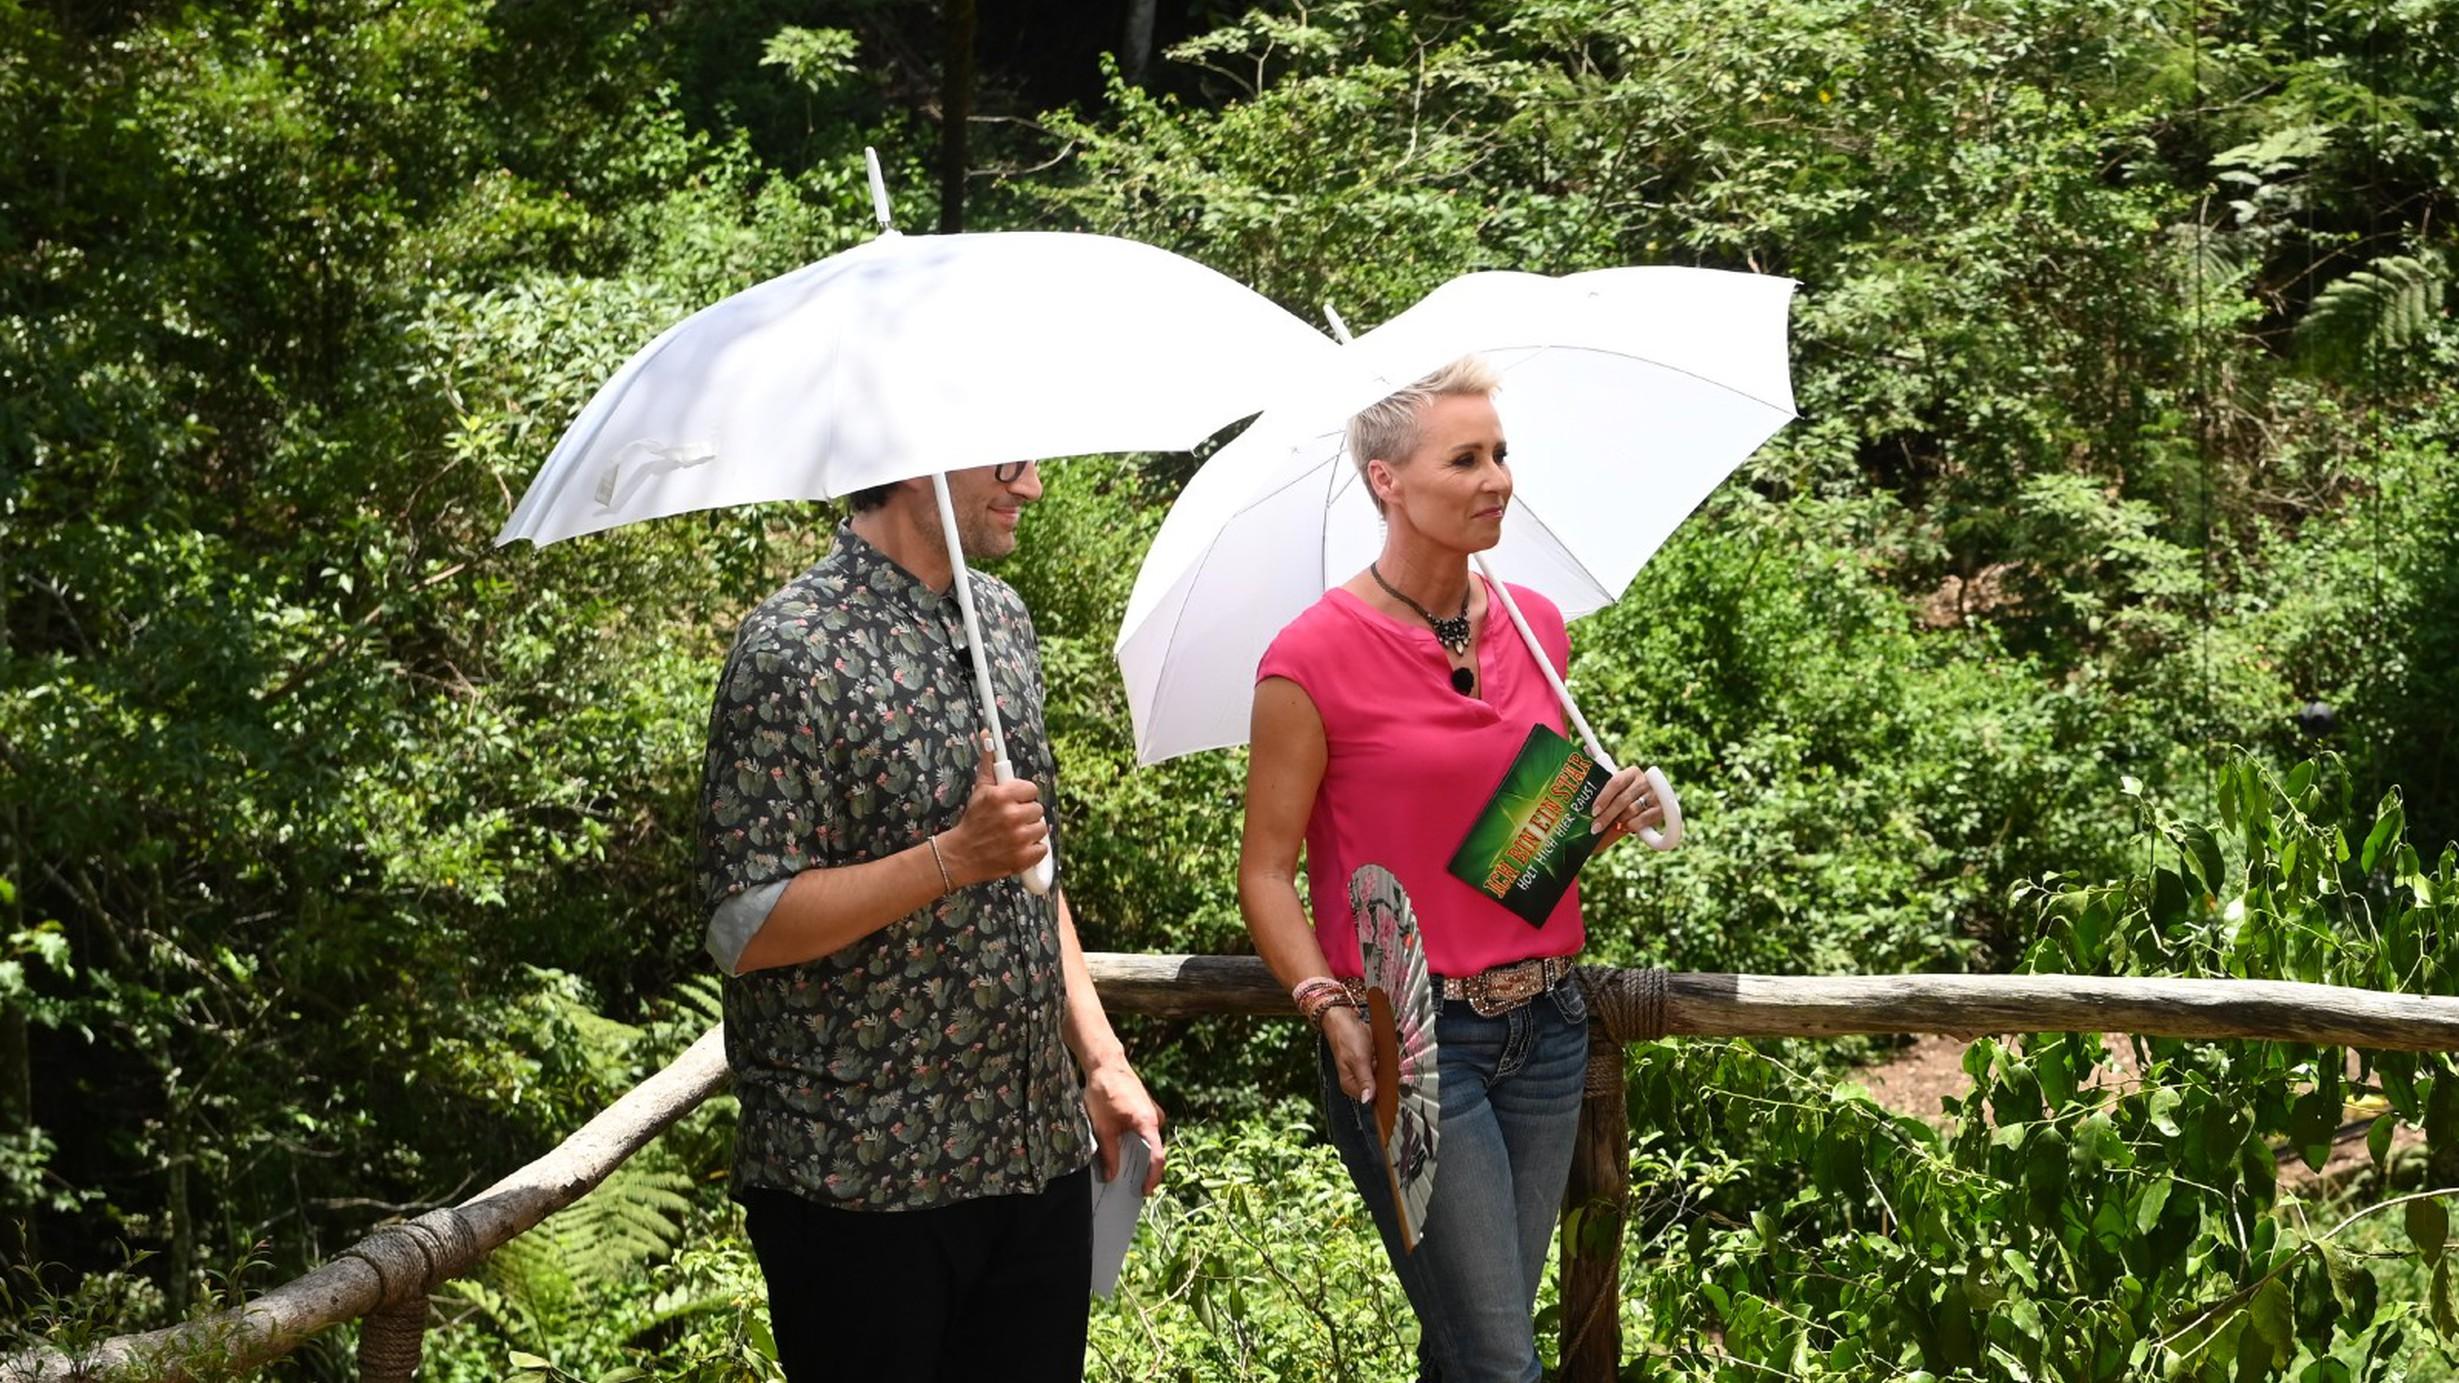 Dschungel-Moderatoren verspotten Elena nach Wutausbruch – Zuschauer feiern sie dafür